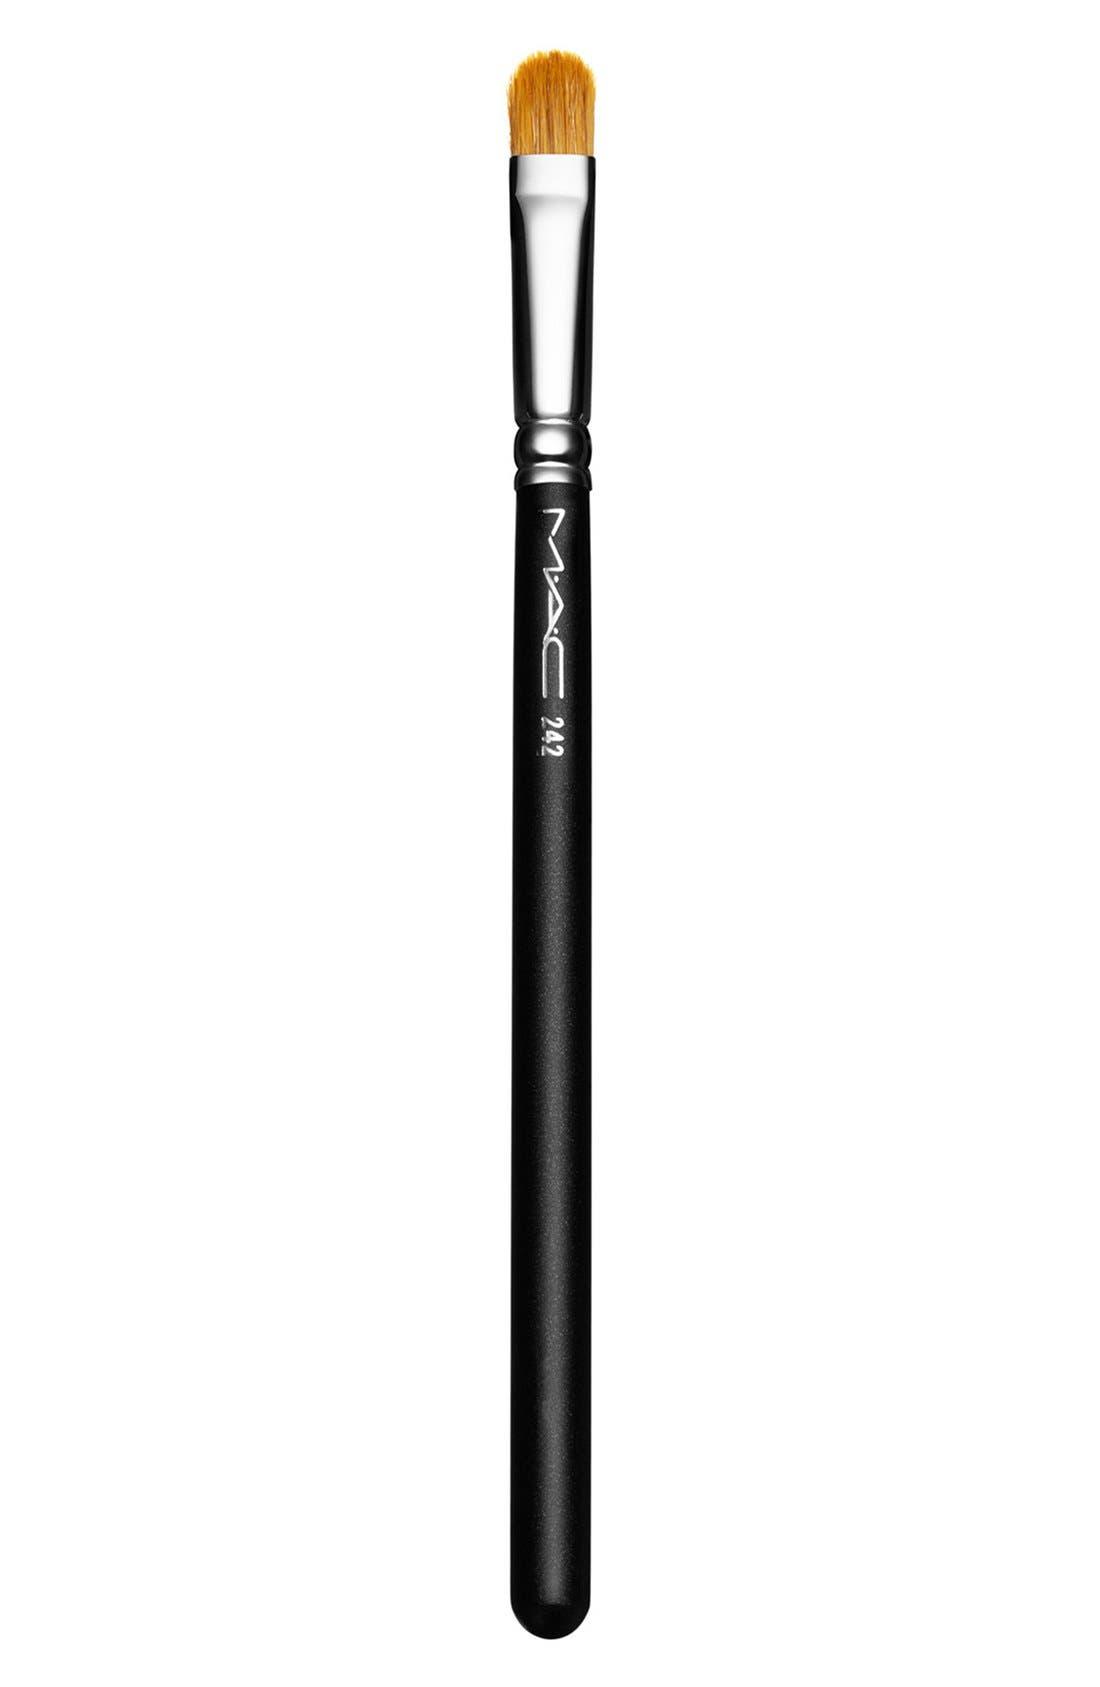 MAC 242 Shader Brush,                             Main thumbnail 1, color,                             000